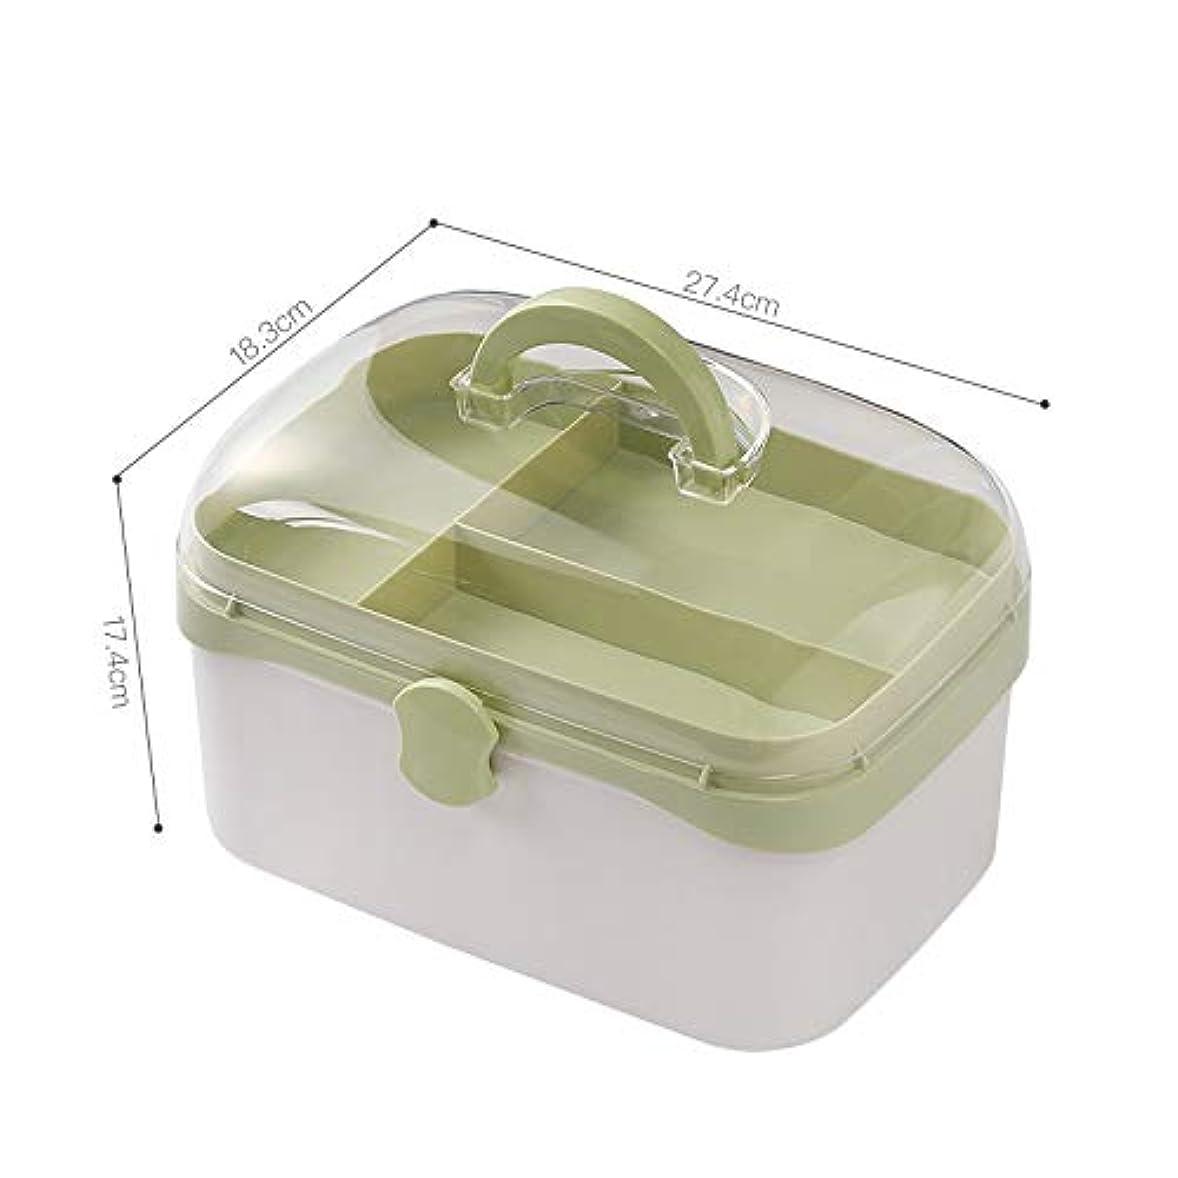 熟読ペニータオルNYDZDM 薬箱収納ボックス、家庭用応急処置キット、医療箱ピルオーガナイザー (Size : M)